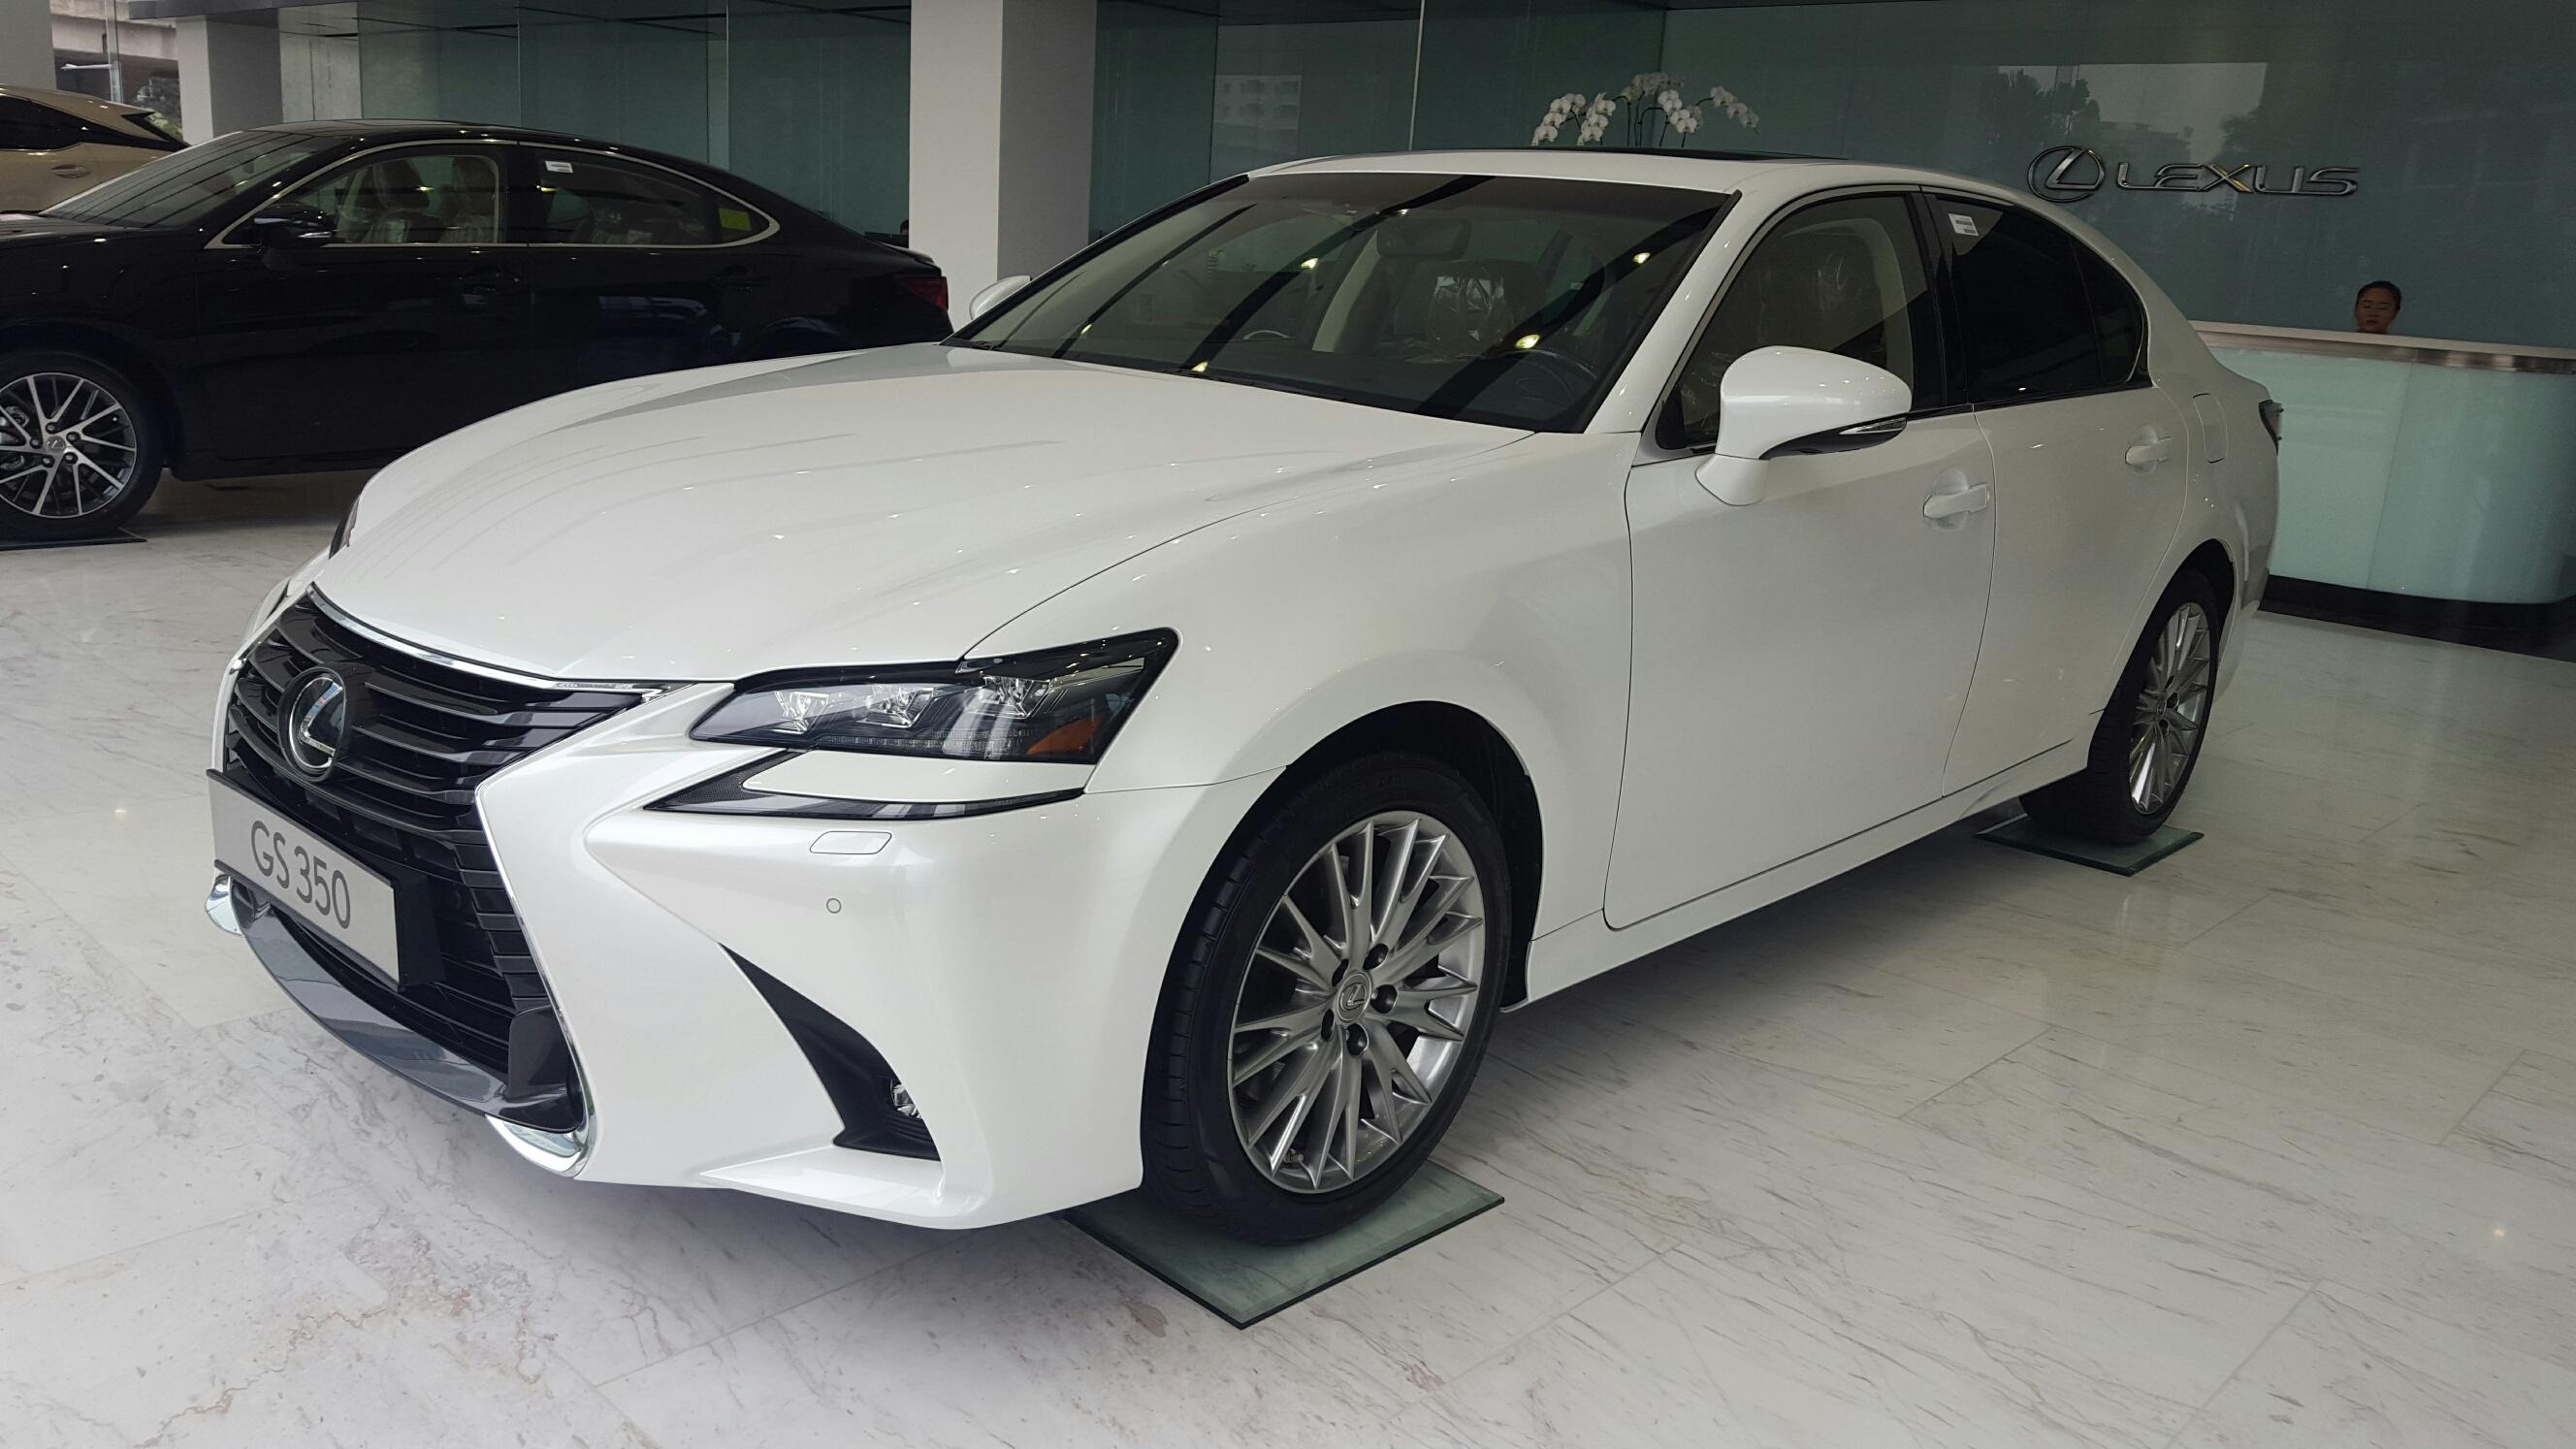 xe-lexus-gs 350